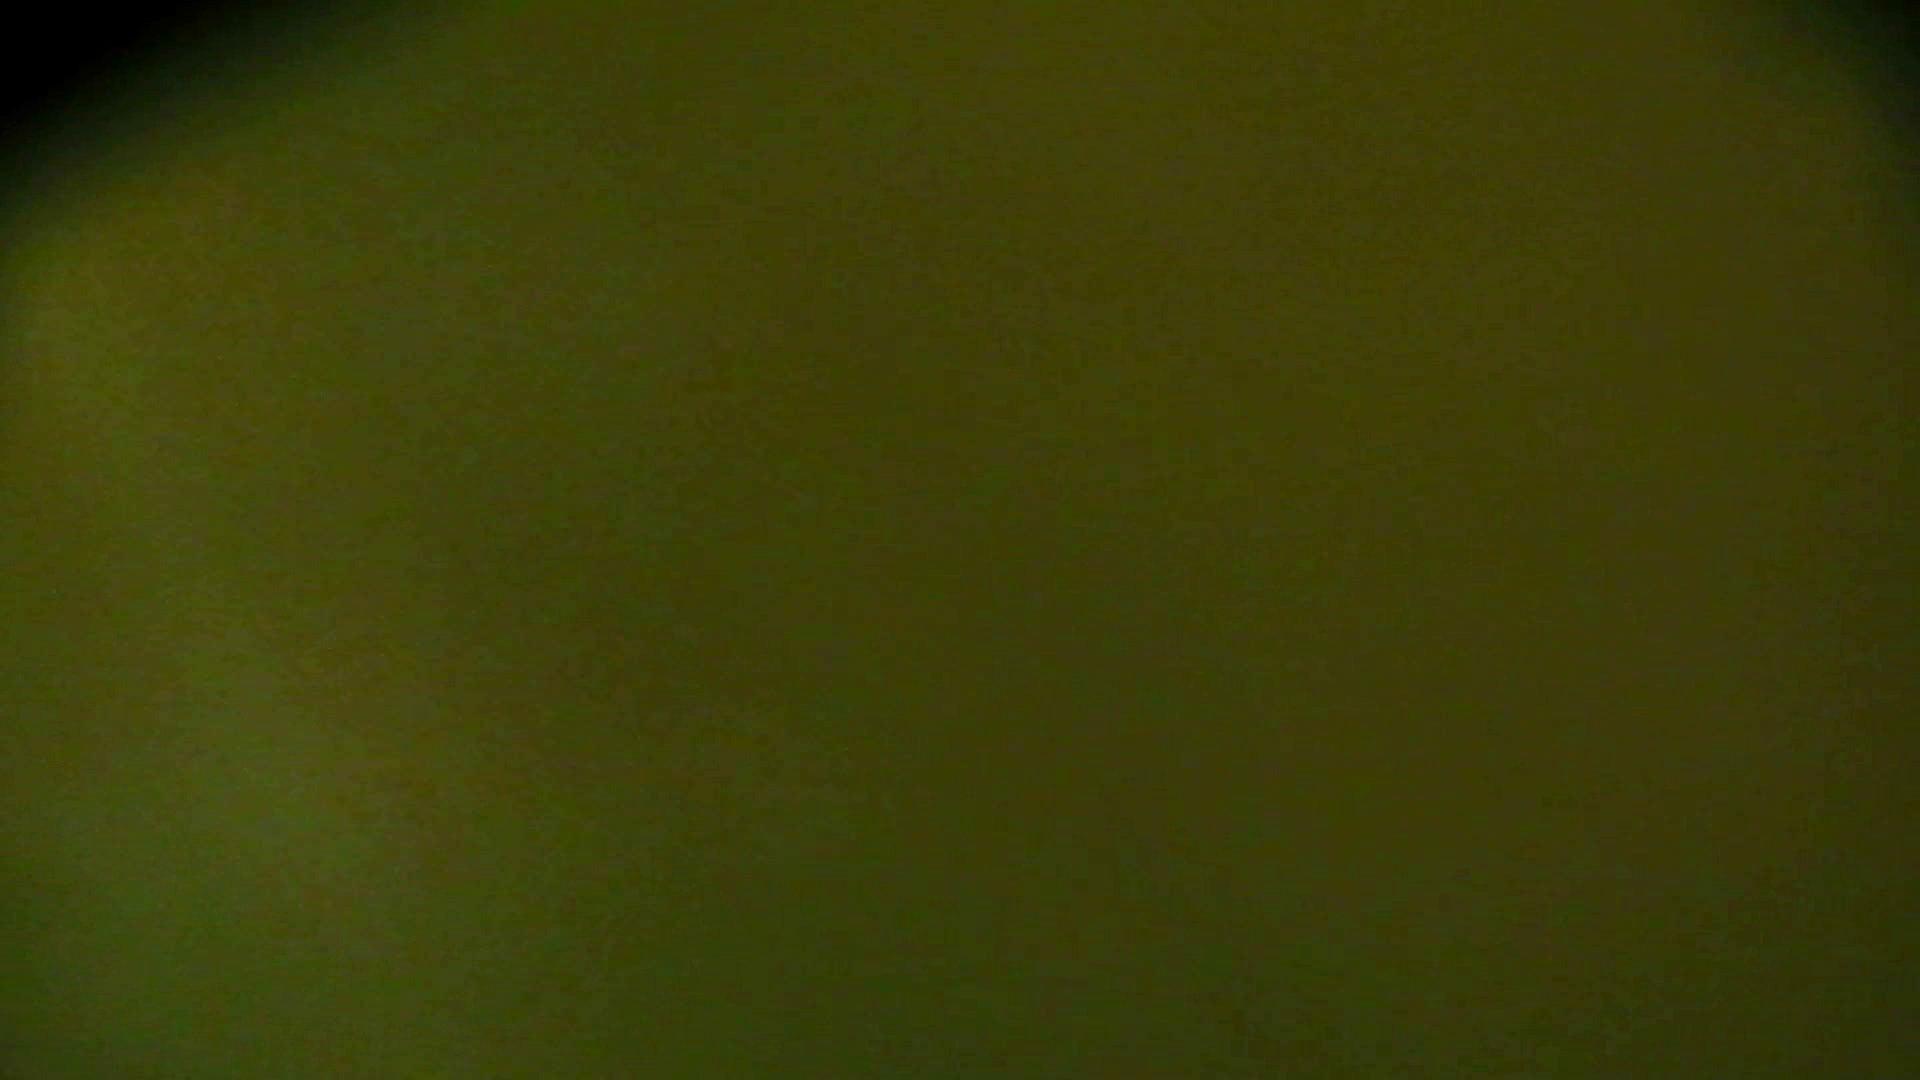 阿国ちゃんの「和式洋式七変化」No.14 丸見え AV動画キャプチャ 57画像 56